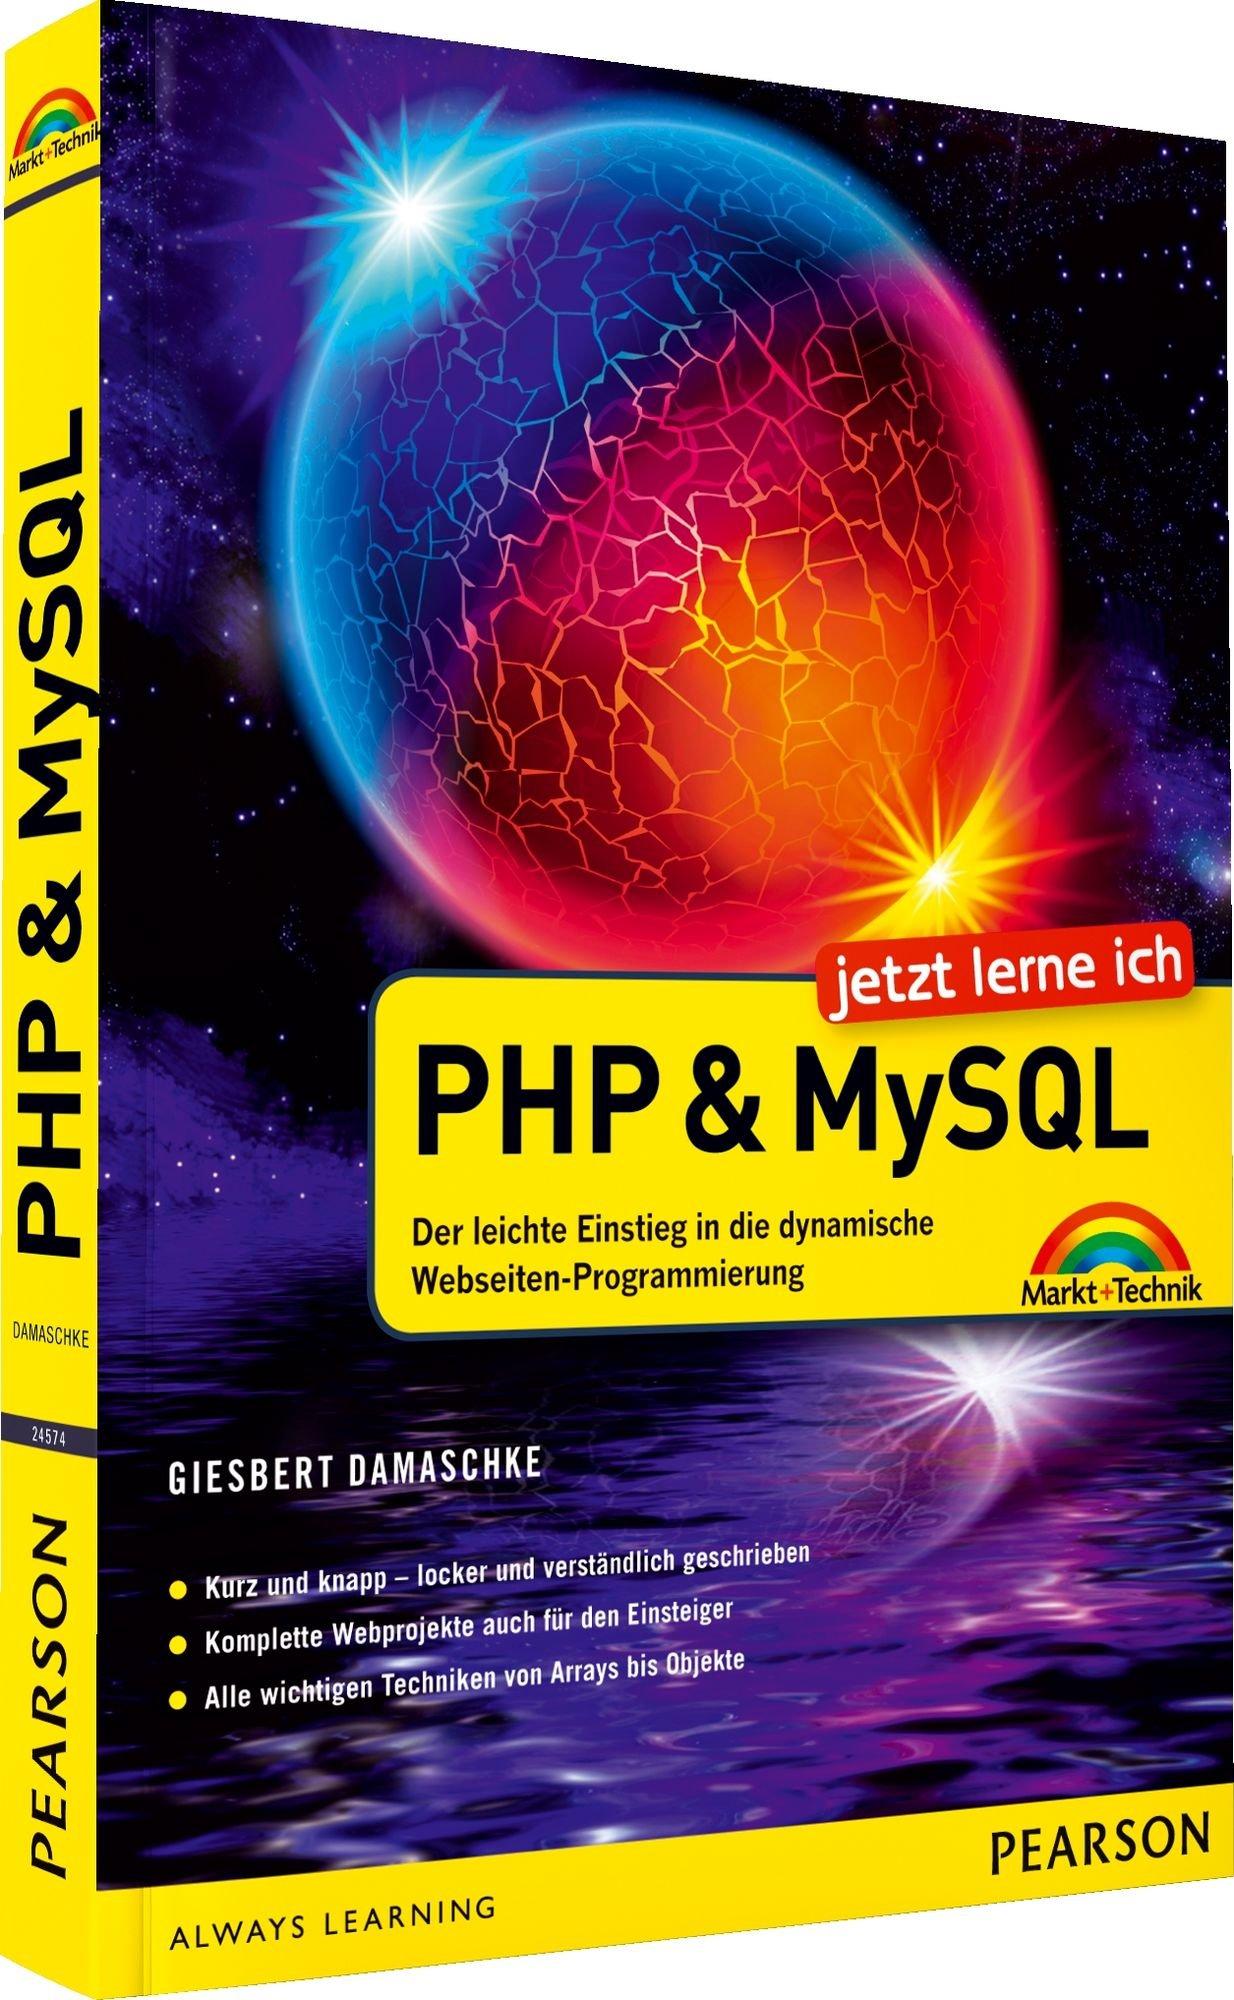 Jetzt lerne ich PHP und MySQL: Der leichte Einstieg in die dynamische Webseiten-Programmierung Taschenbuch – 29. August 2012 Giesbert Damaschke Markt+Technik Verlag 3827245745 PHP (EDV)